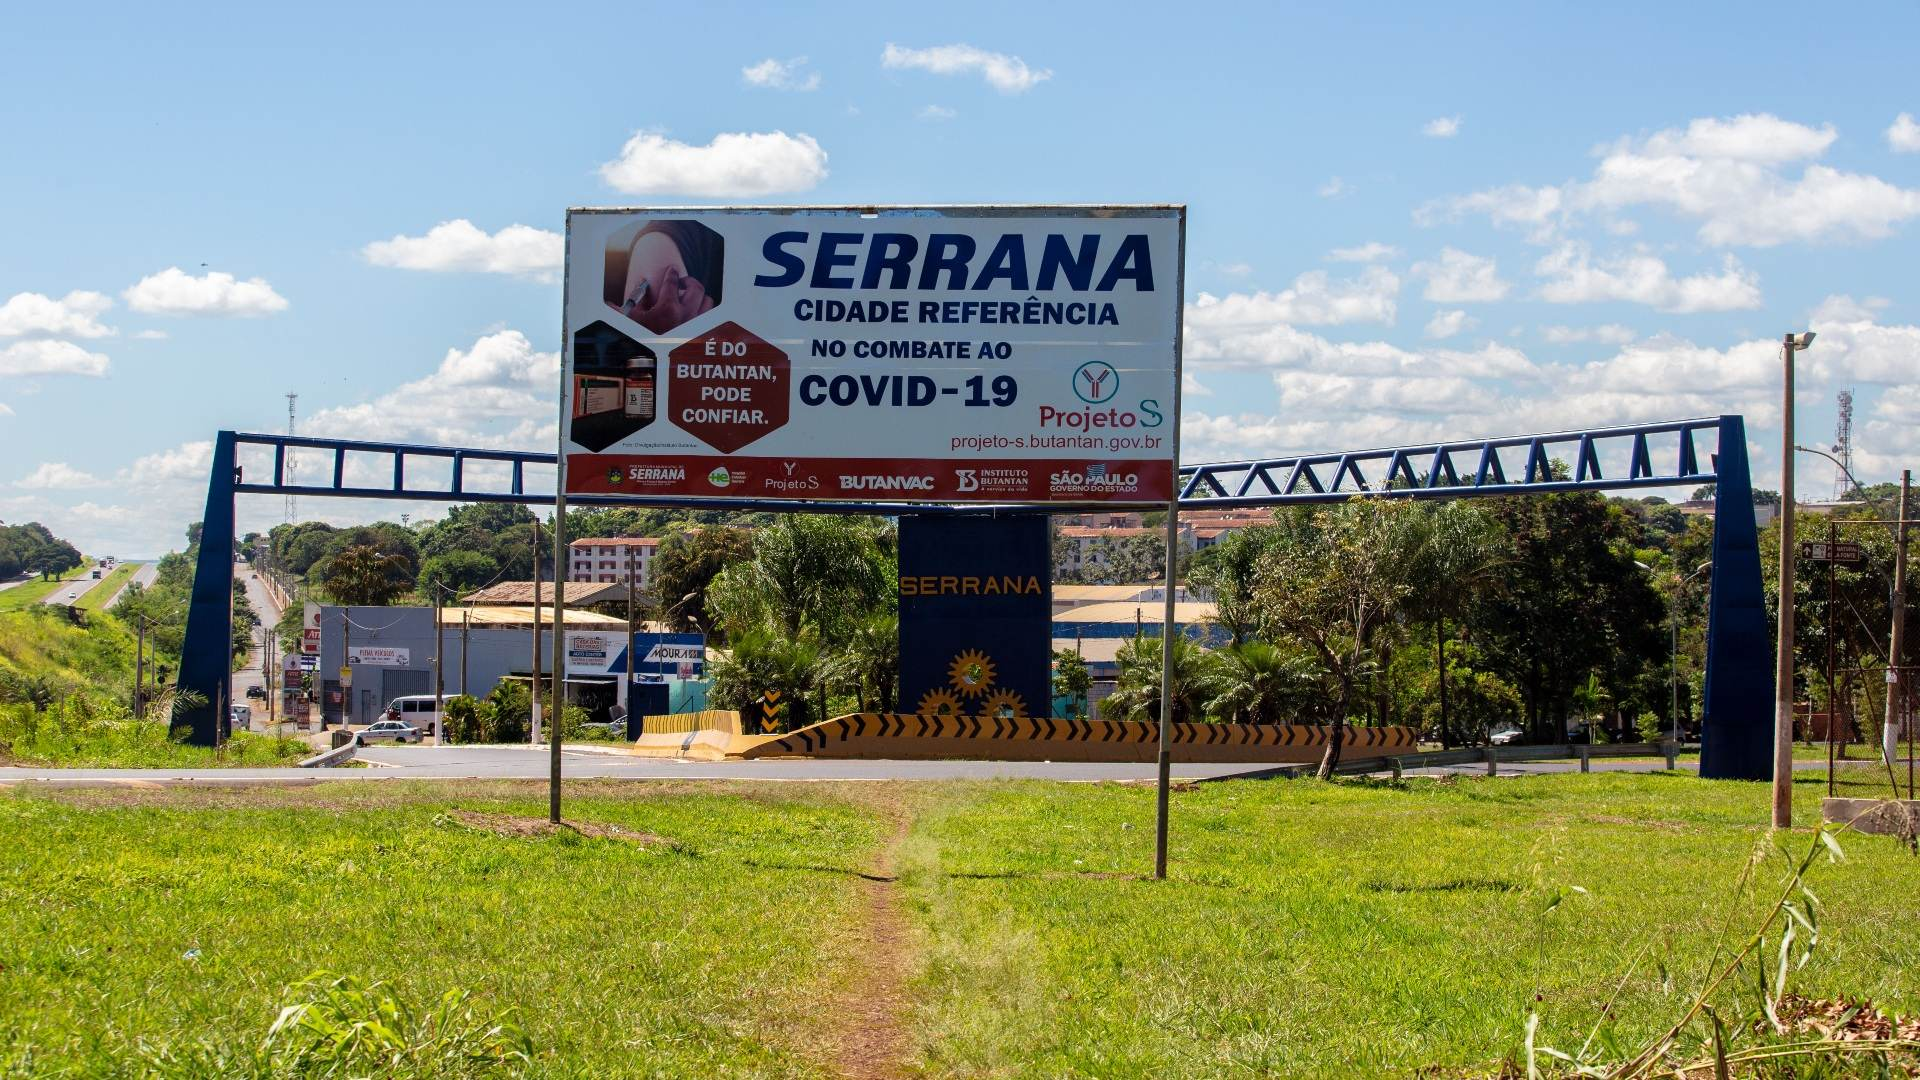 Outdoor na entrada da cidade de Serrana, no interior de SP